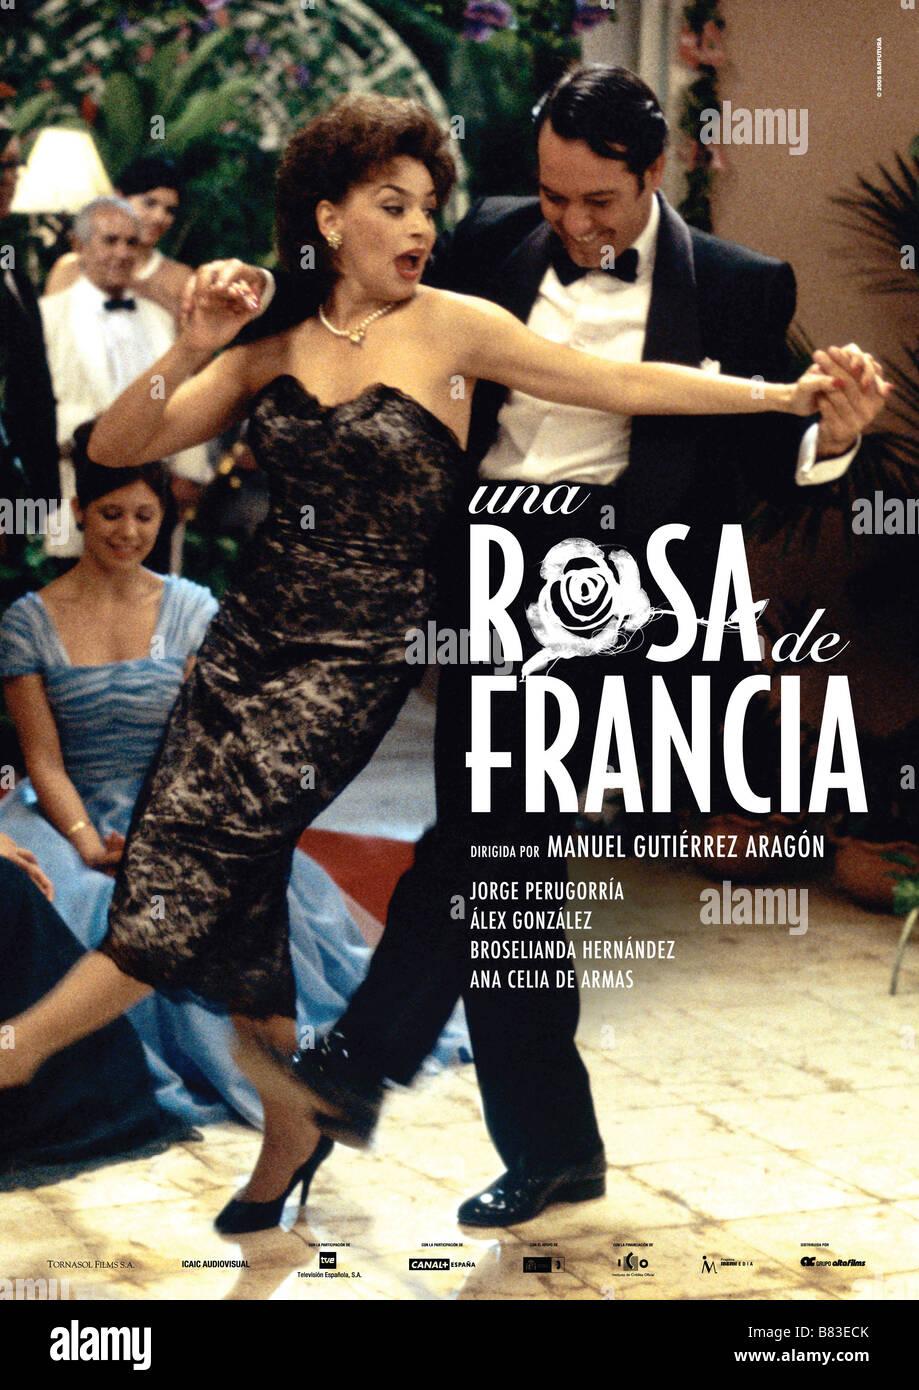 Ana De Armas Una Rosa De Francia una rosa de francia una rosa de francia (2006) spain affiche